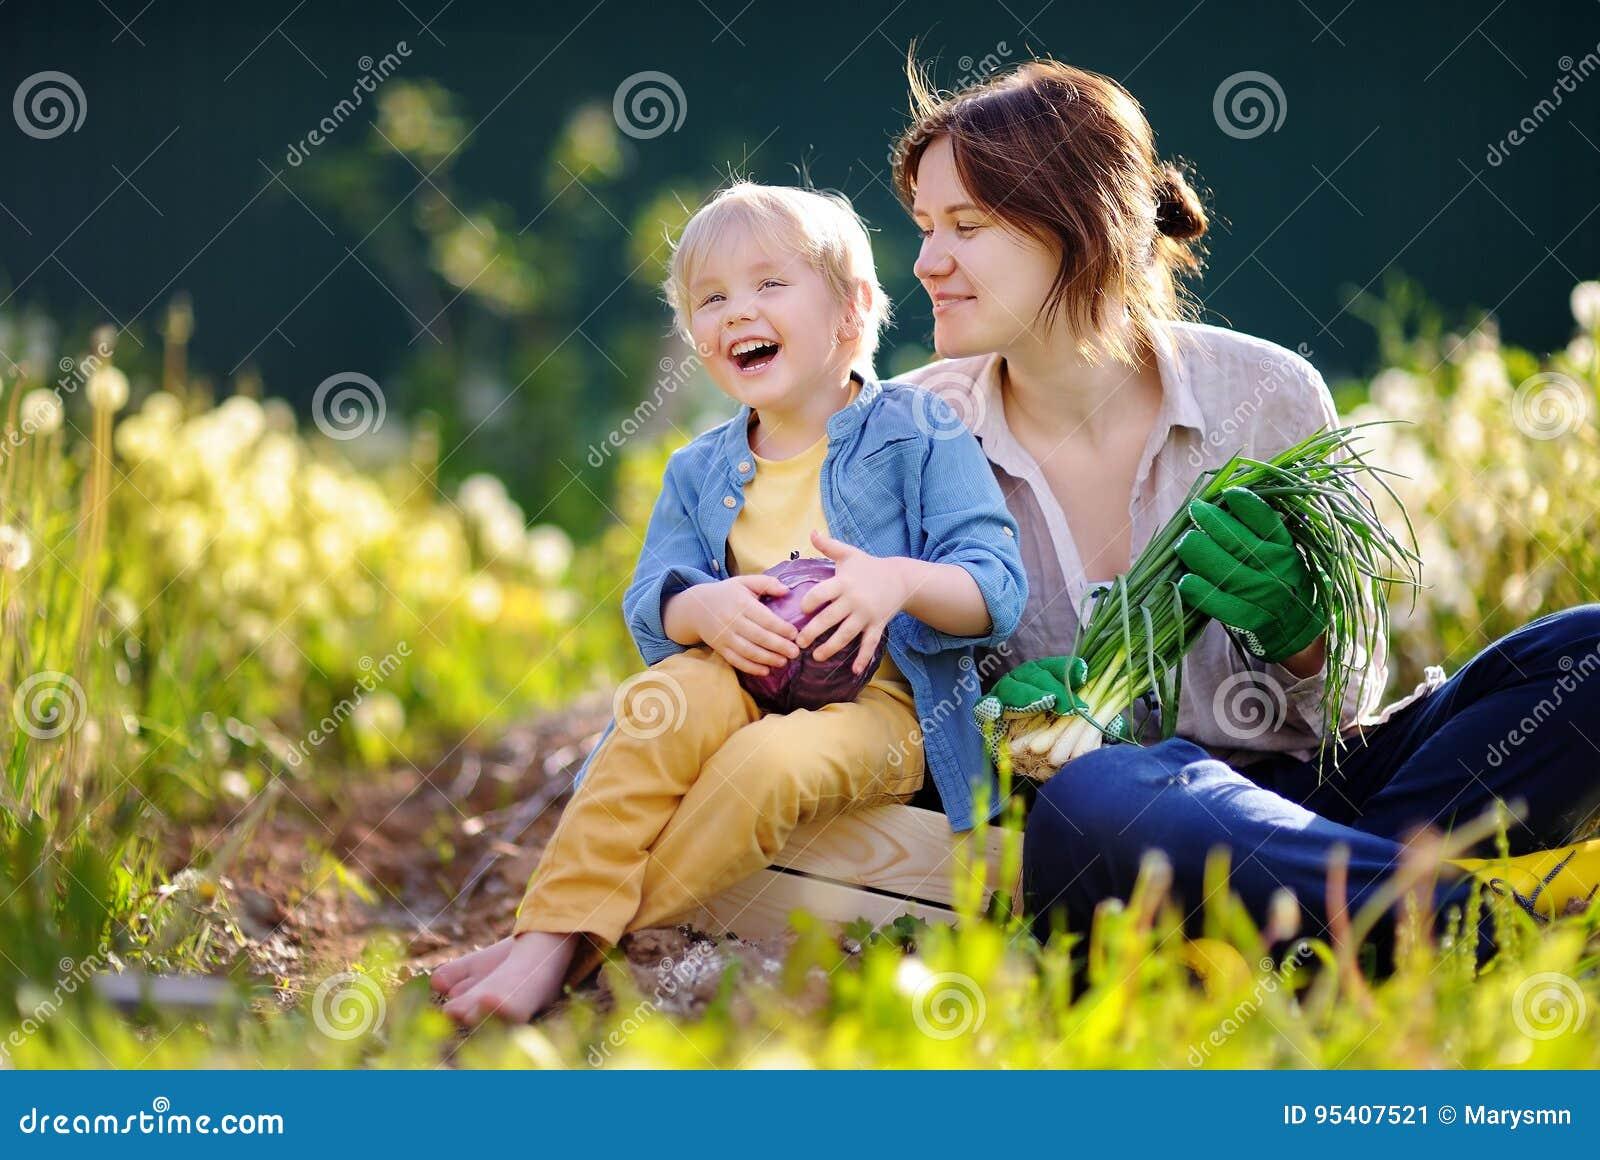 Ung kvinna och hennes förtjusande liten son som tycker om skörden